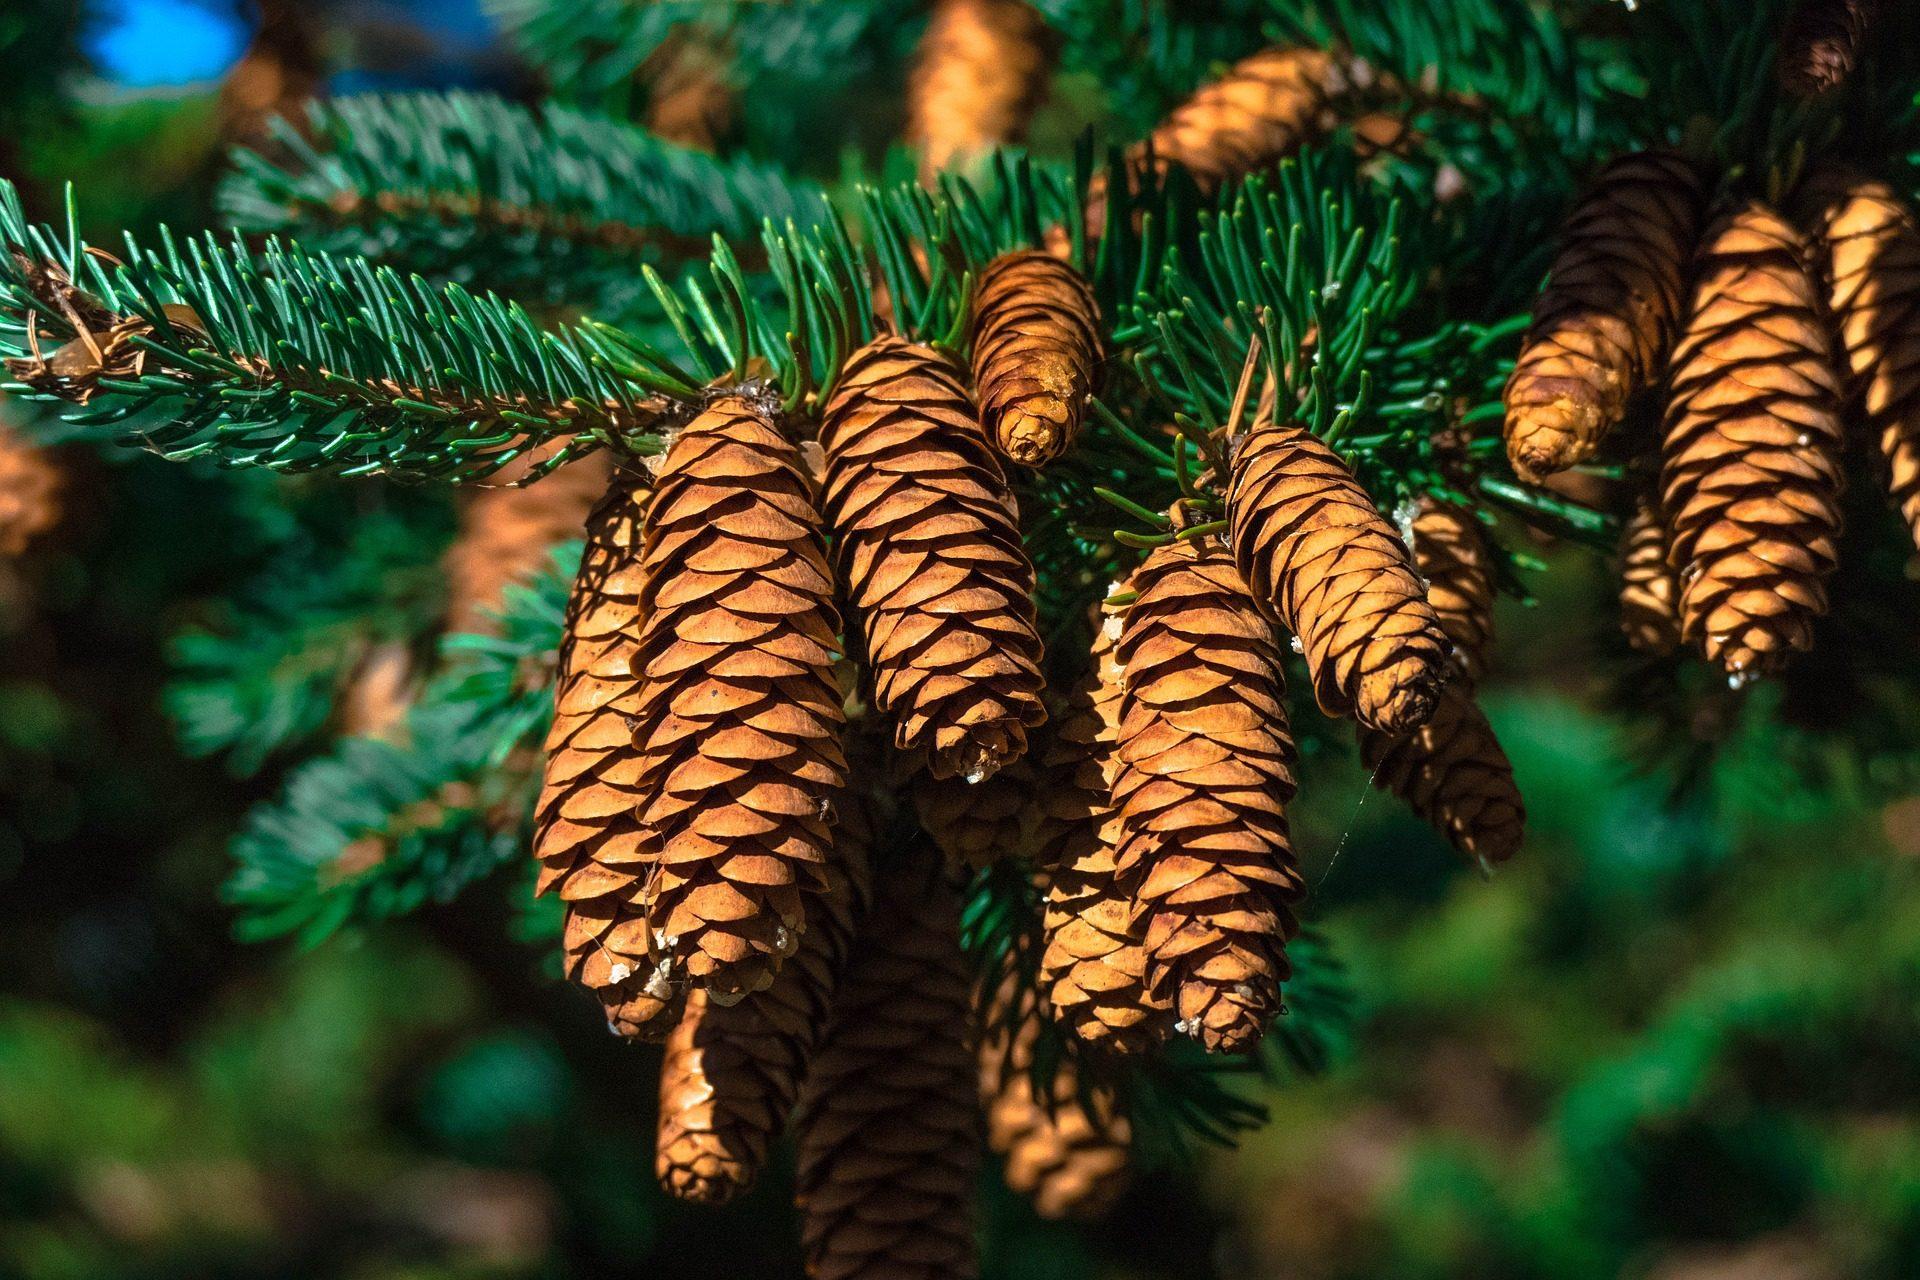 Πεύκο, Ανανάς, κουκουνάρι, φυτά, δέντρα - Wallpapers HD - Professor-falken.com